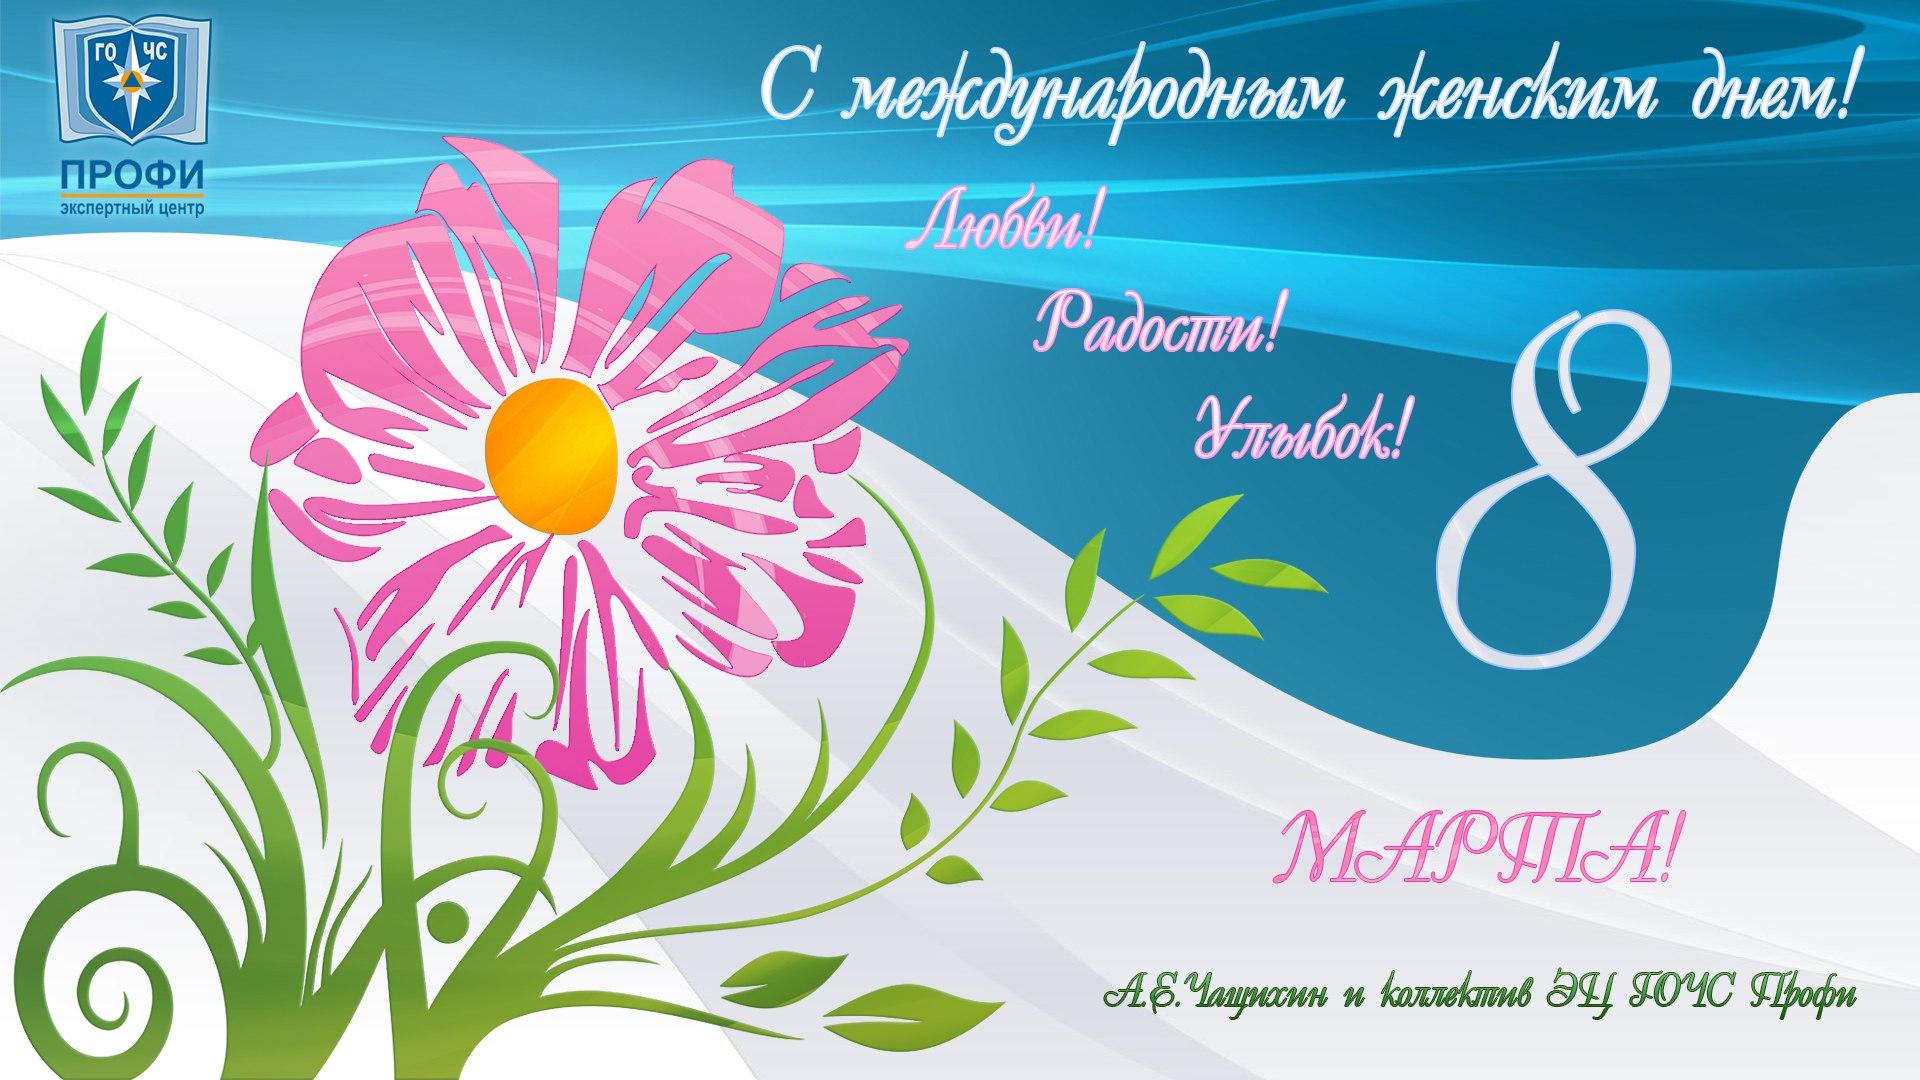 ООО Экспертный центр ГО ЧС «Профи» поздравляет всех женщин с наступающим женским днем!!!